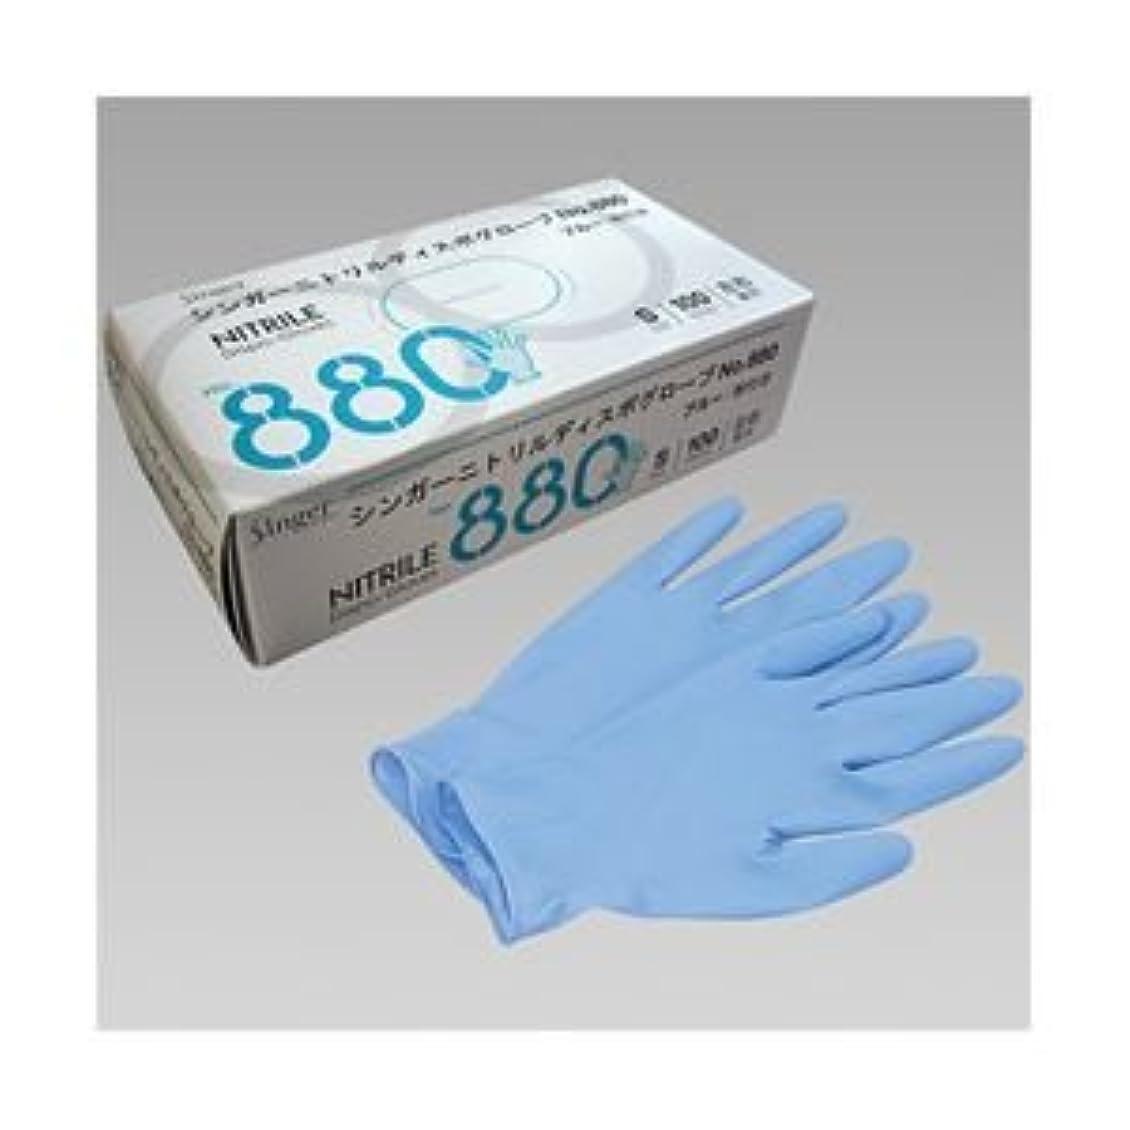 六分儀健全する必要がある宇都宮製作 ニトリル手袋 粉付き ブルー S 1箱(100枚) ×5セット